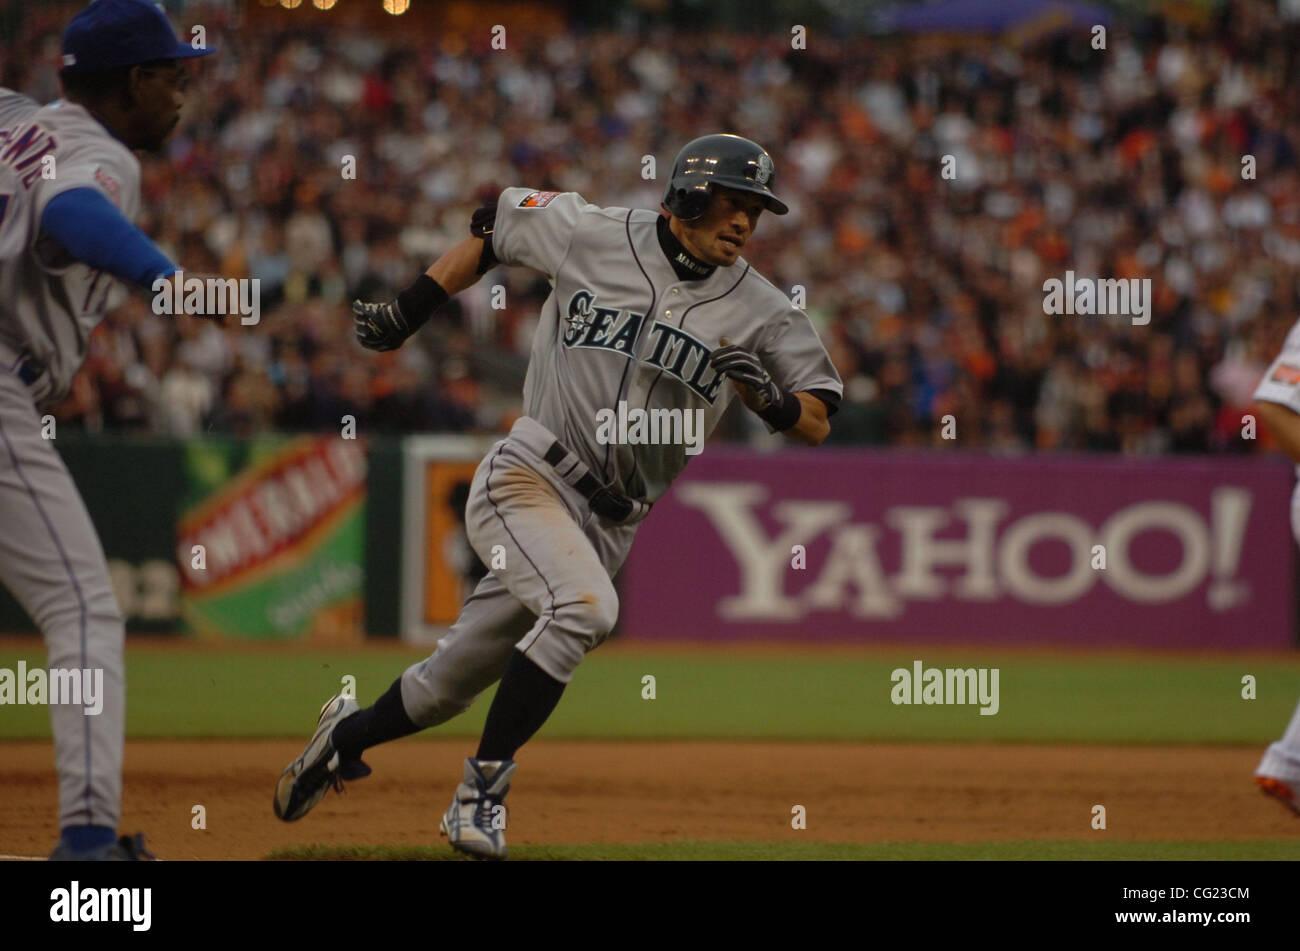 Ichiro Suzuki Round Third First Stock Photos & Ichiro Suzuki Round